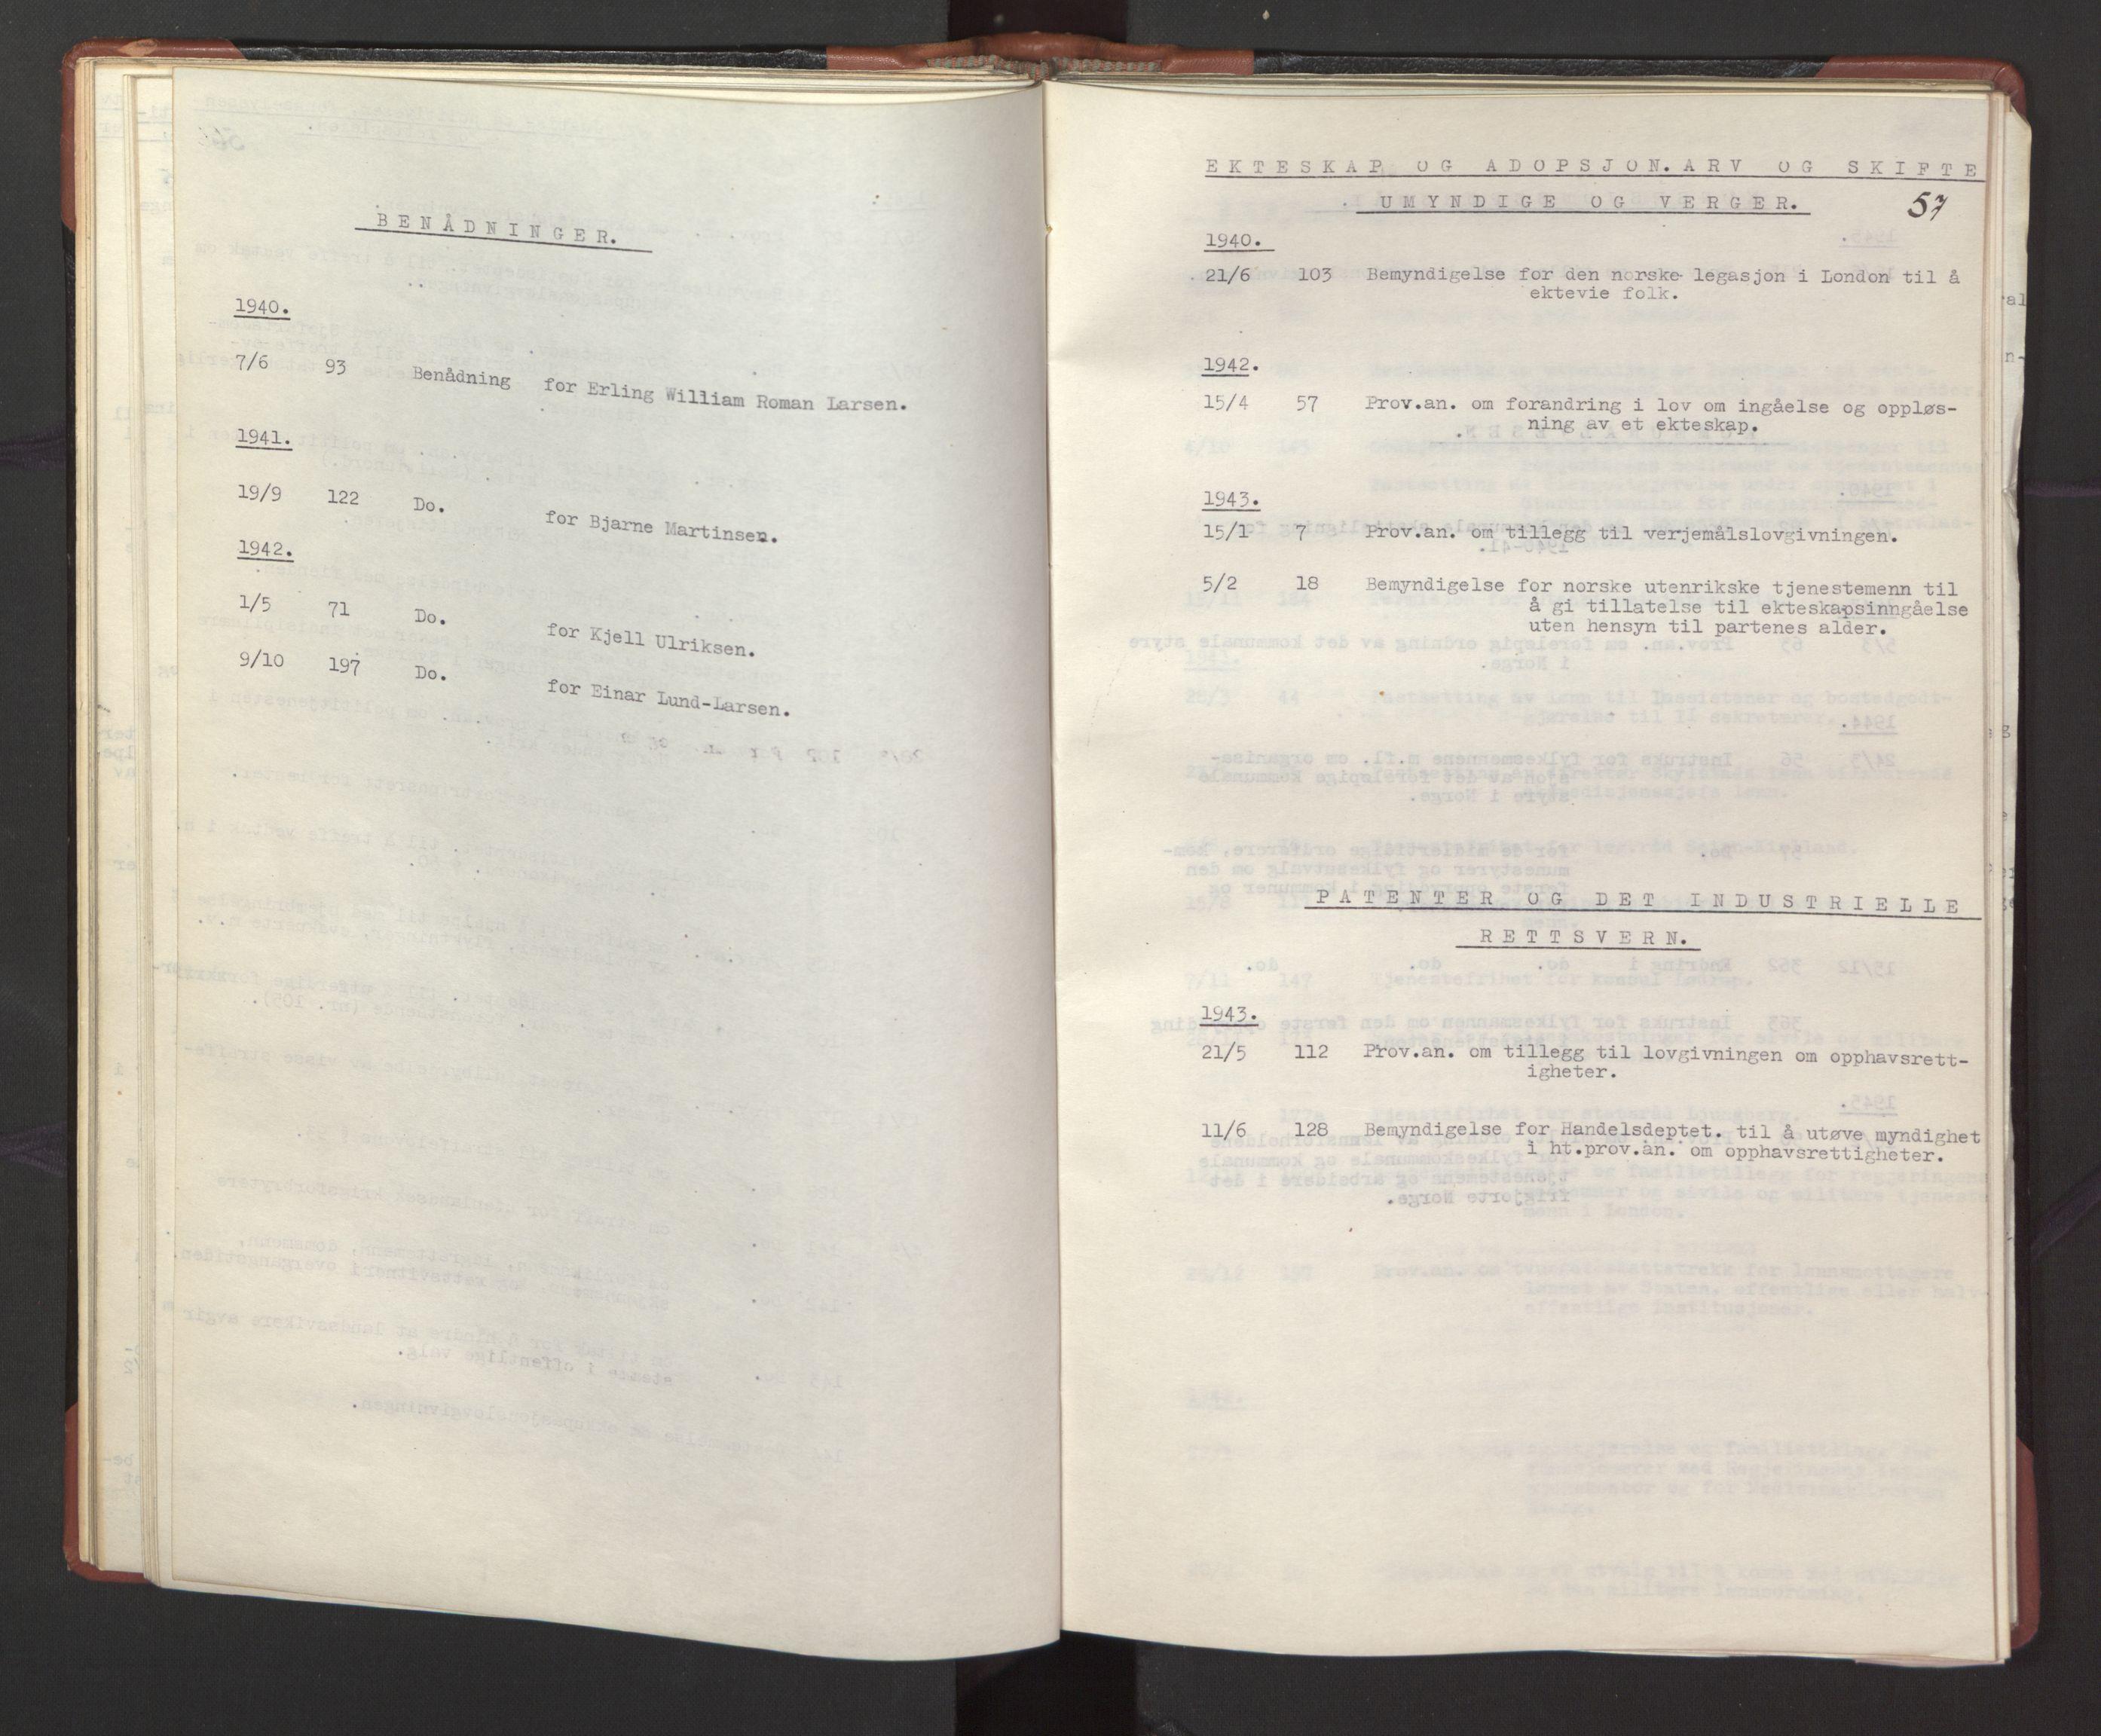 RA, Statsrådssekretariatet, A/Ac/L0127: Register 9/4-25/5, 1940-1945, s. 57